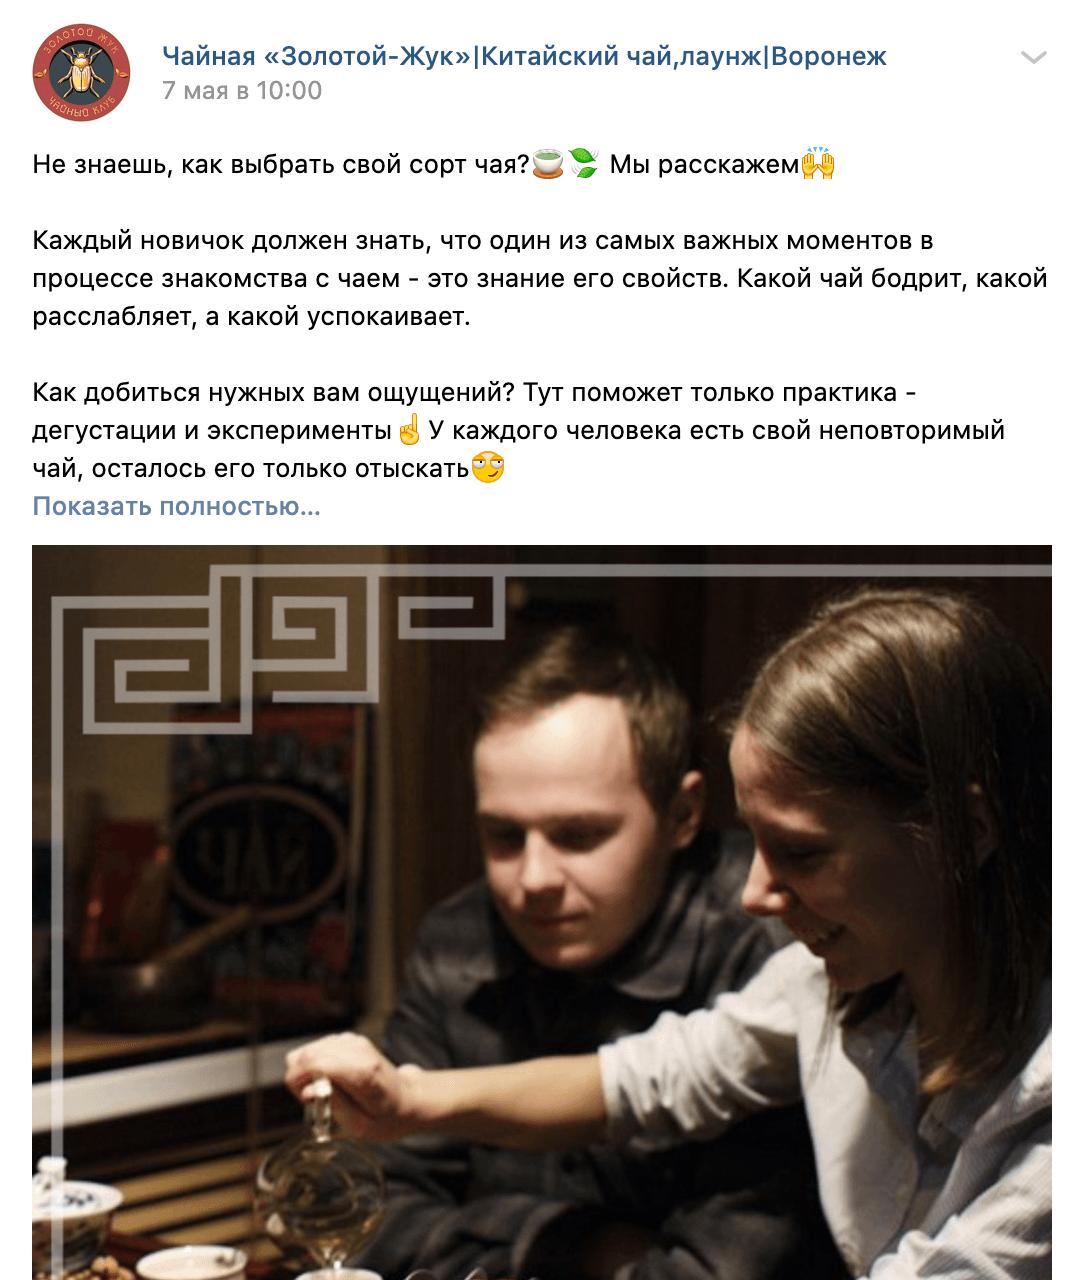 Публикации во Вконтакте выходят ежедневно: проводим розыгрыши, прямые эфиры и удаленные дегустации